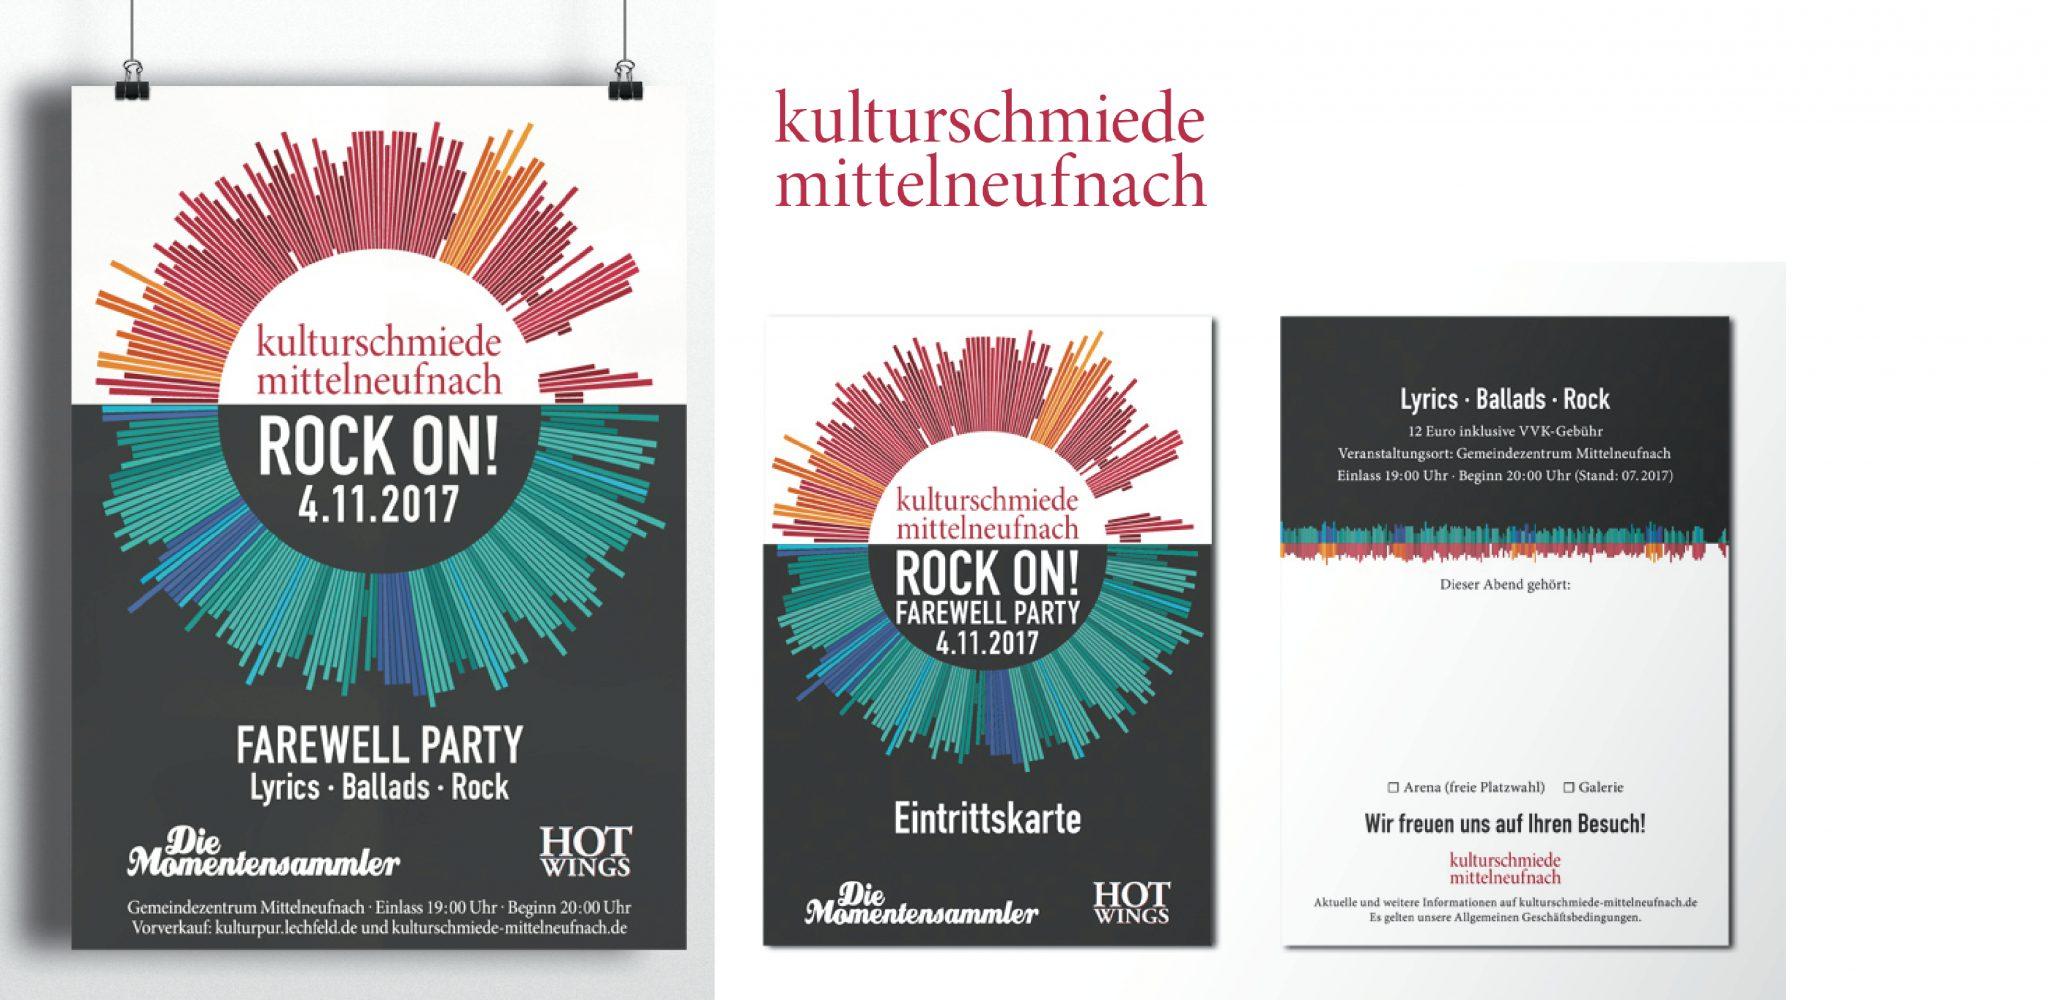 Kulturschmiede Mittelneufnach Corporate Design und Veranstaltungsplakat und - Eintrittskarte